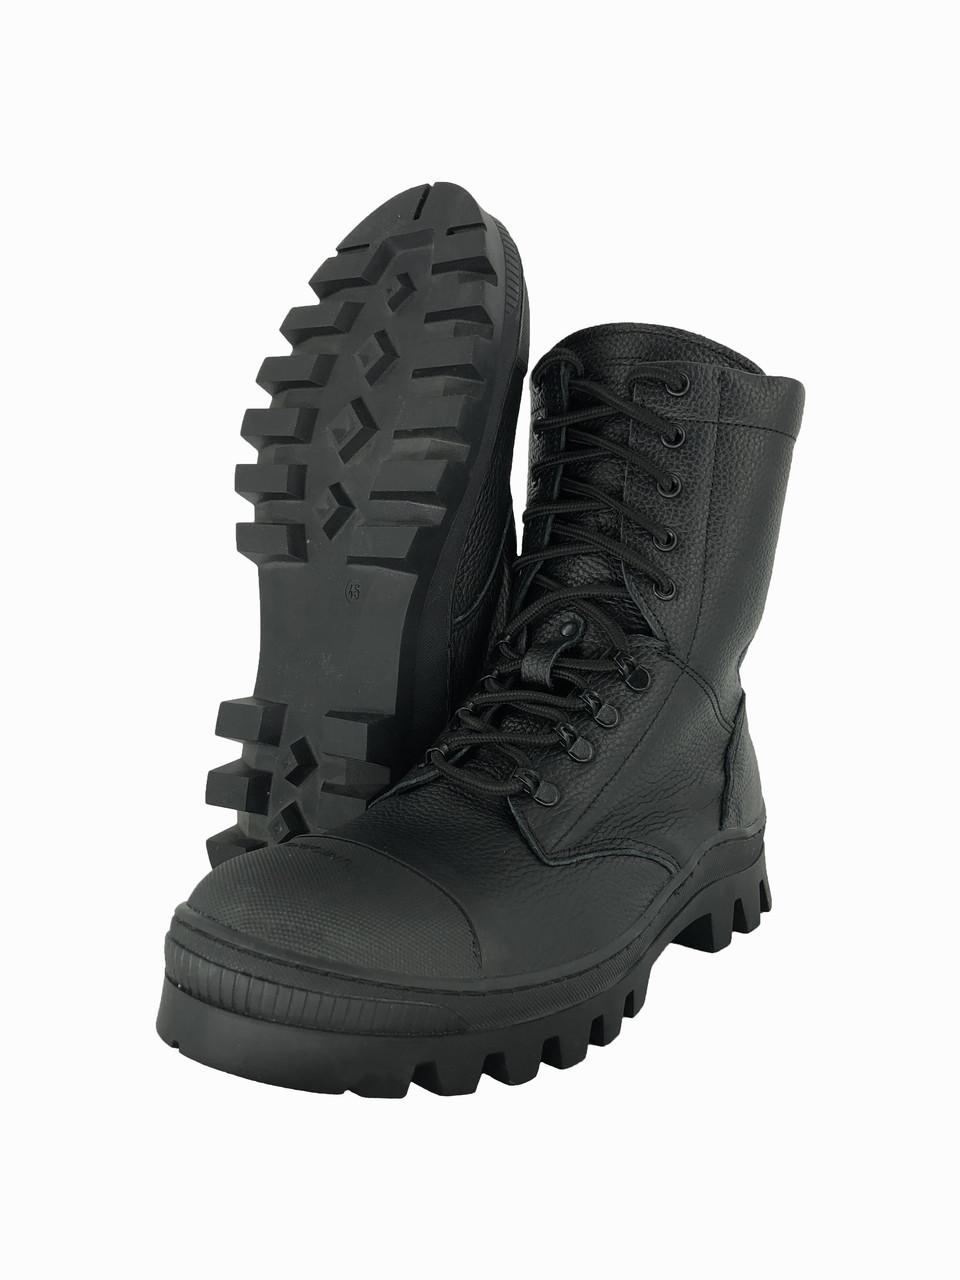 Черевики-Берці тактичні високі зимові FERRUM чорні